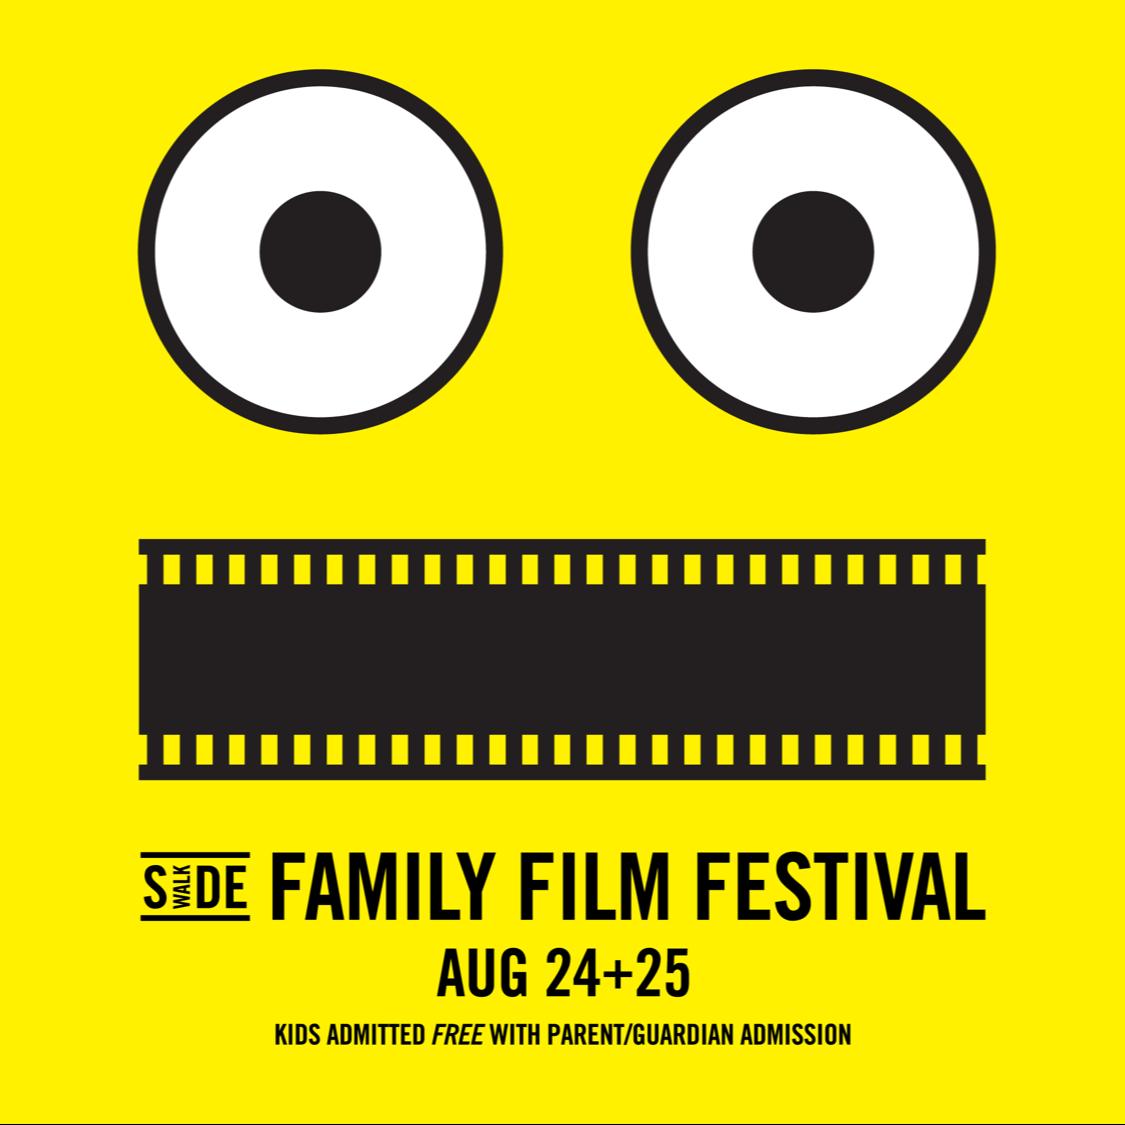 Sidewalk Film Festival Family Film logo